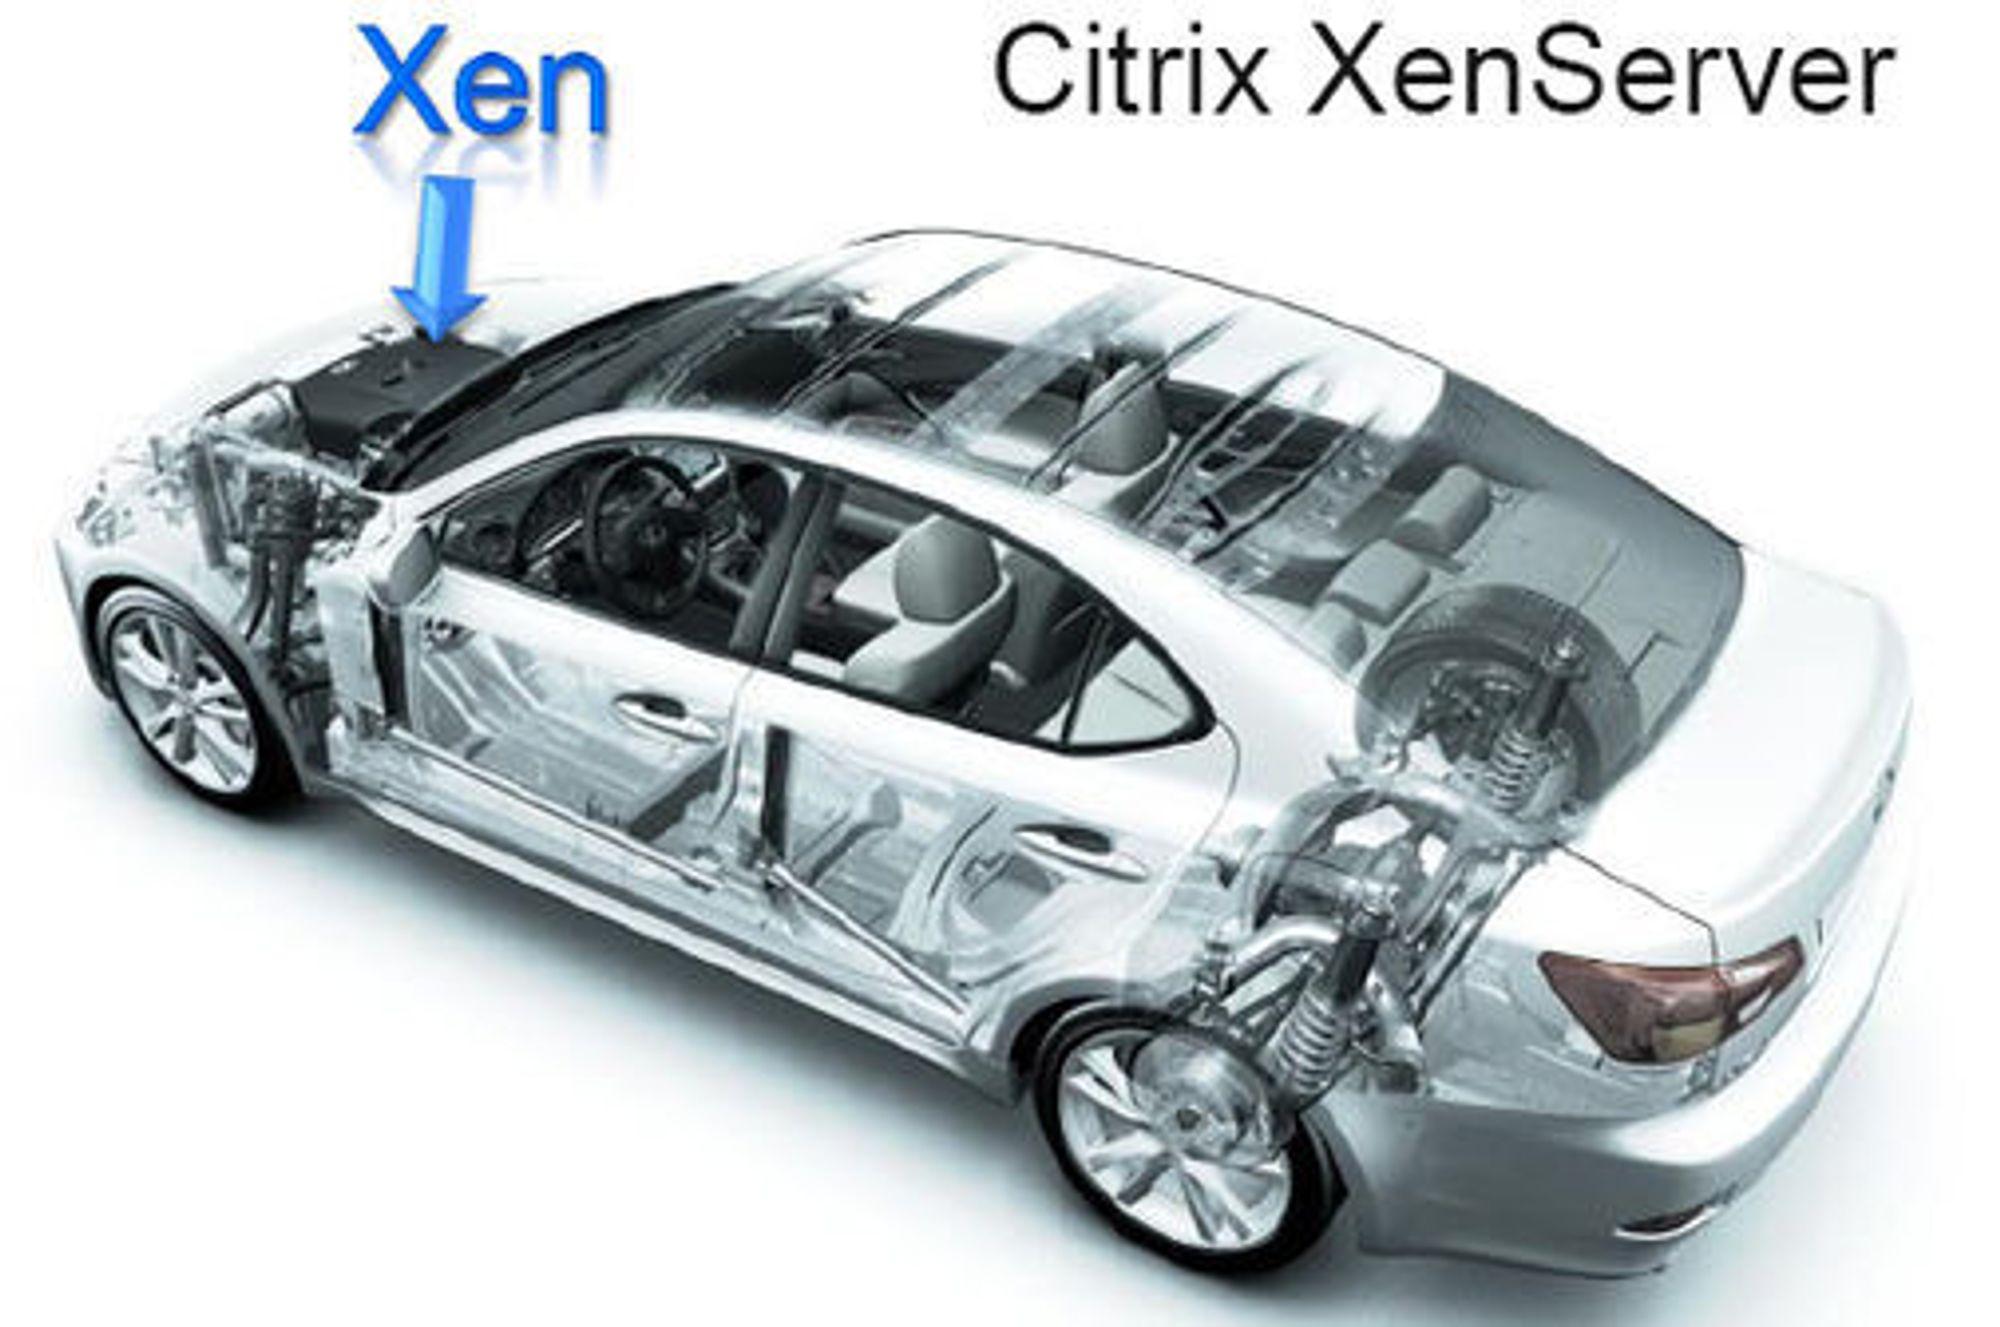 - Xen er en motor, og ikke en bil. Vår bil er en en XenServer, sier Simon Crosby, CTO i Citrix.